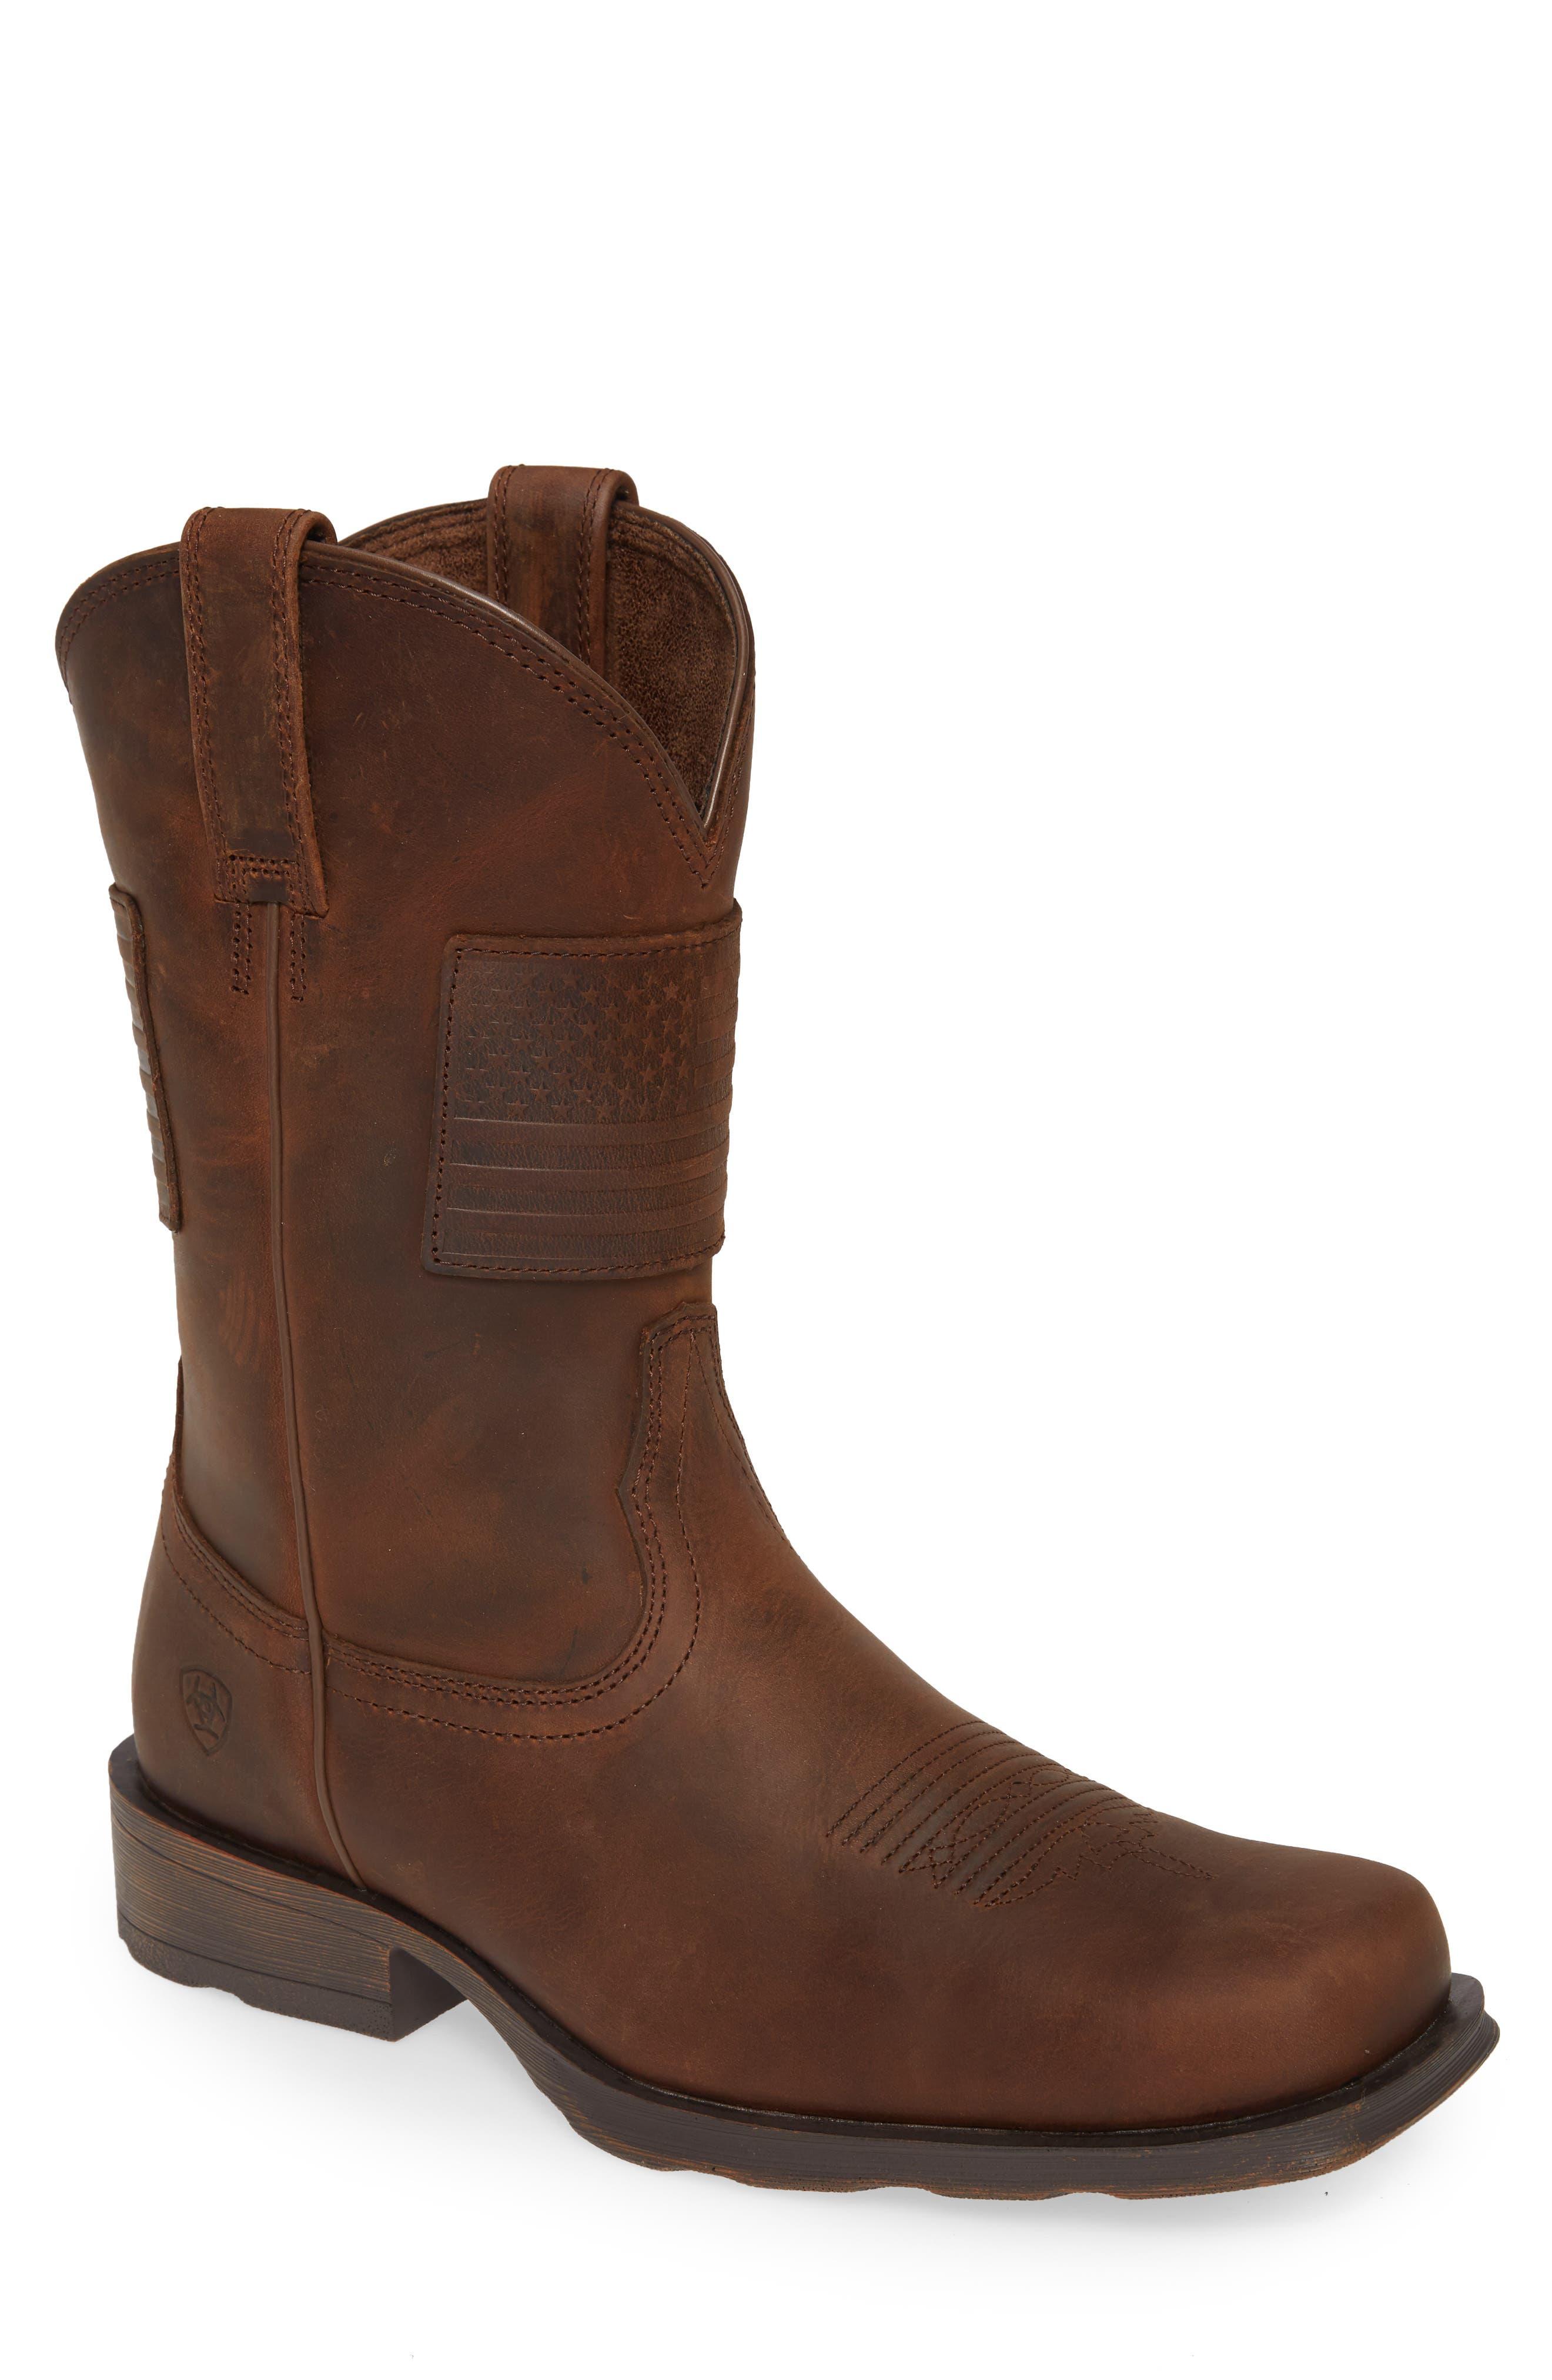 Rambler Patriot Cowboy Boot